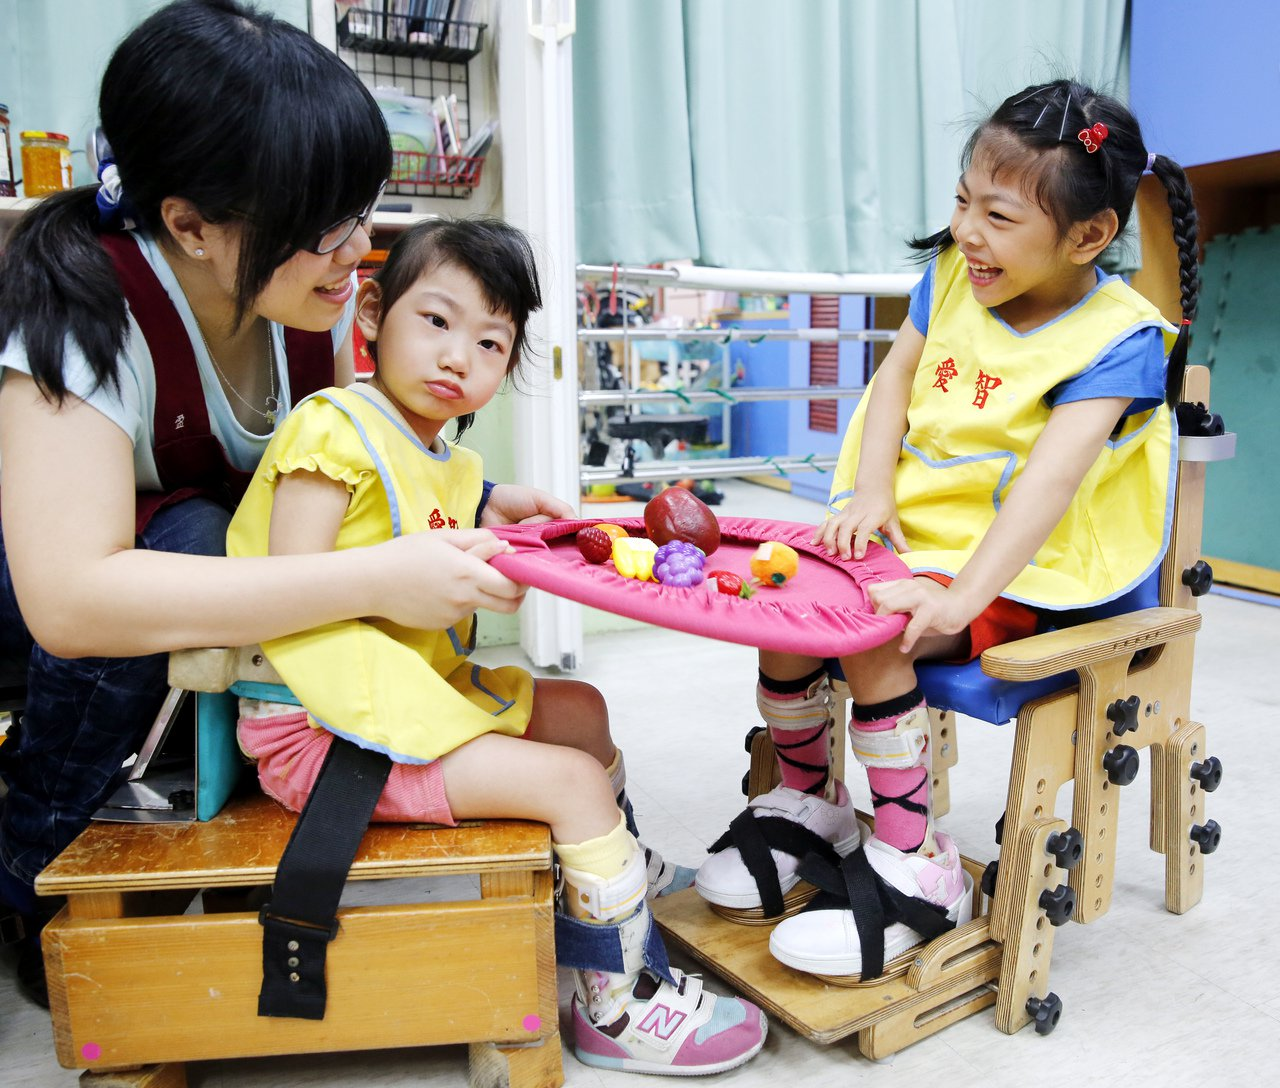 柔柔(右)在早療過程也喜歡和同學互動。圖/第一社福提供